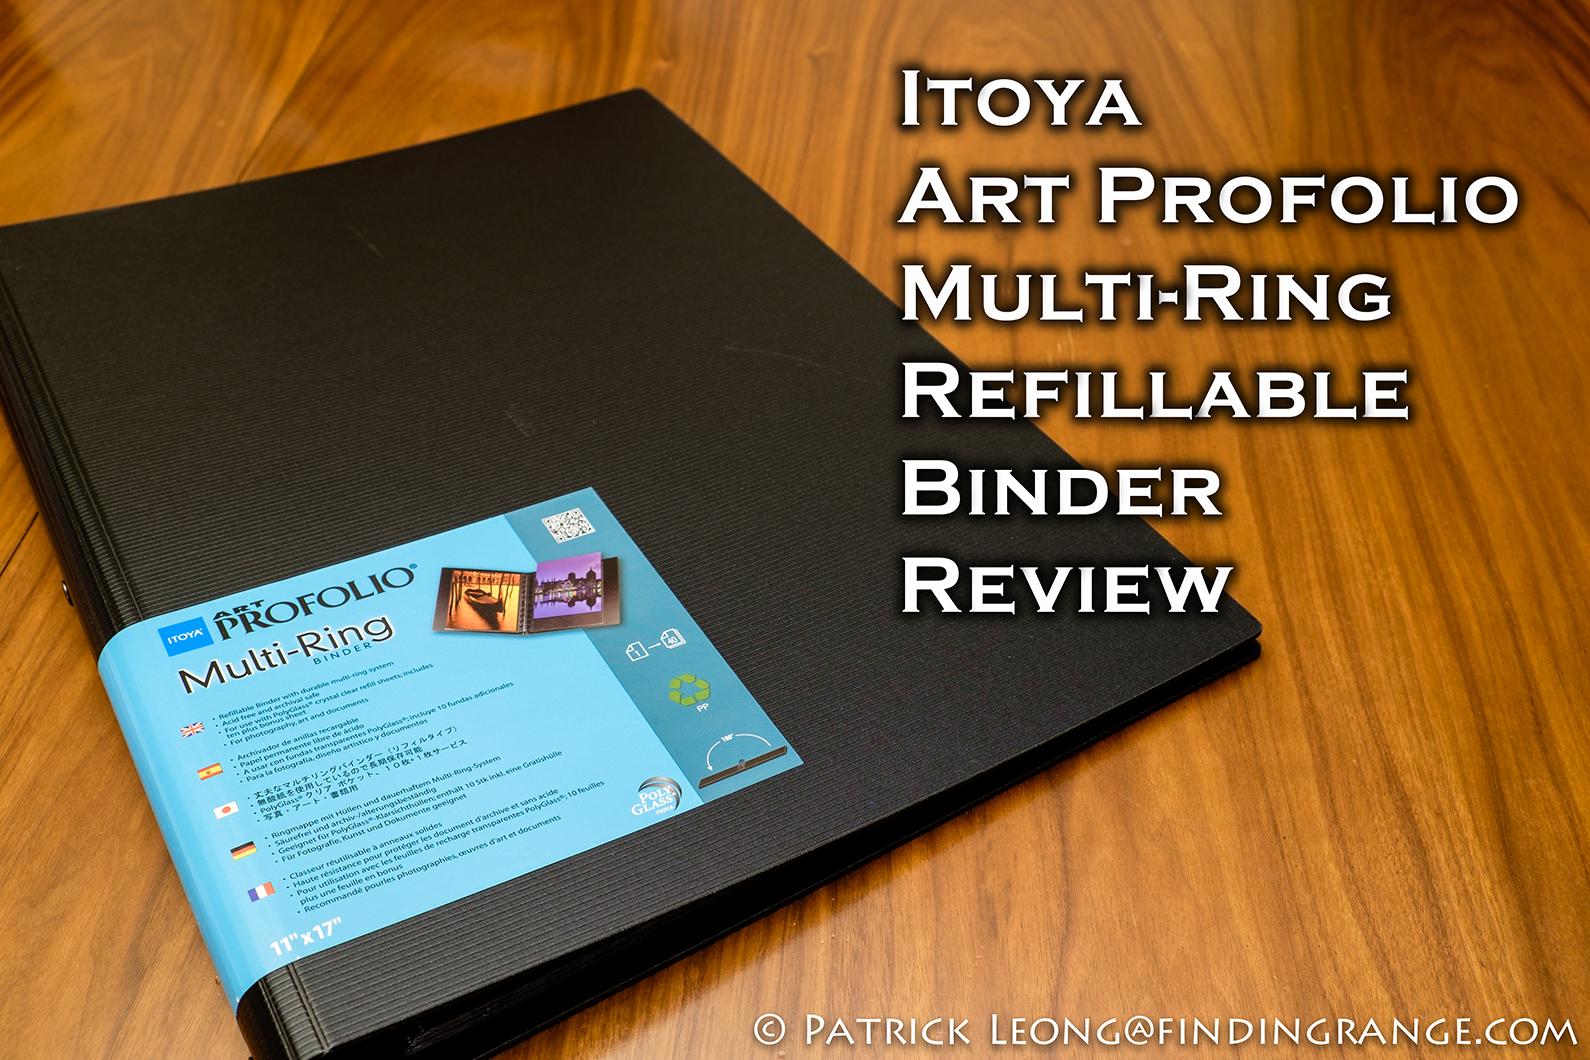 Itoya-Art-Profolio-Multi-Ring-Refillable-Binder-6